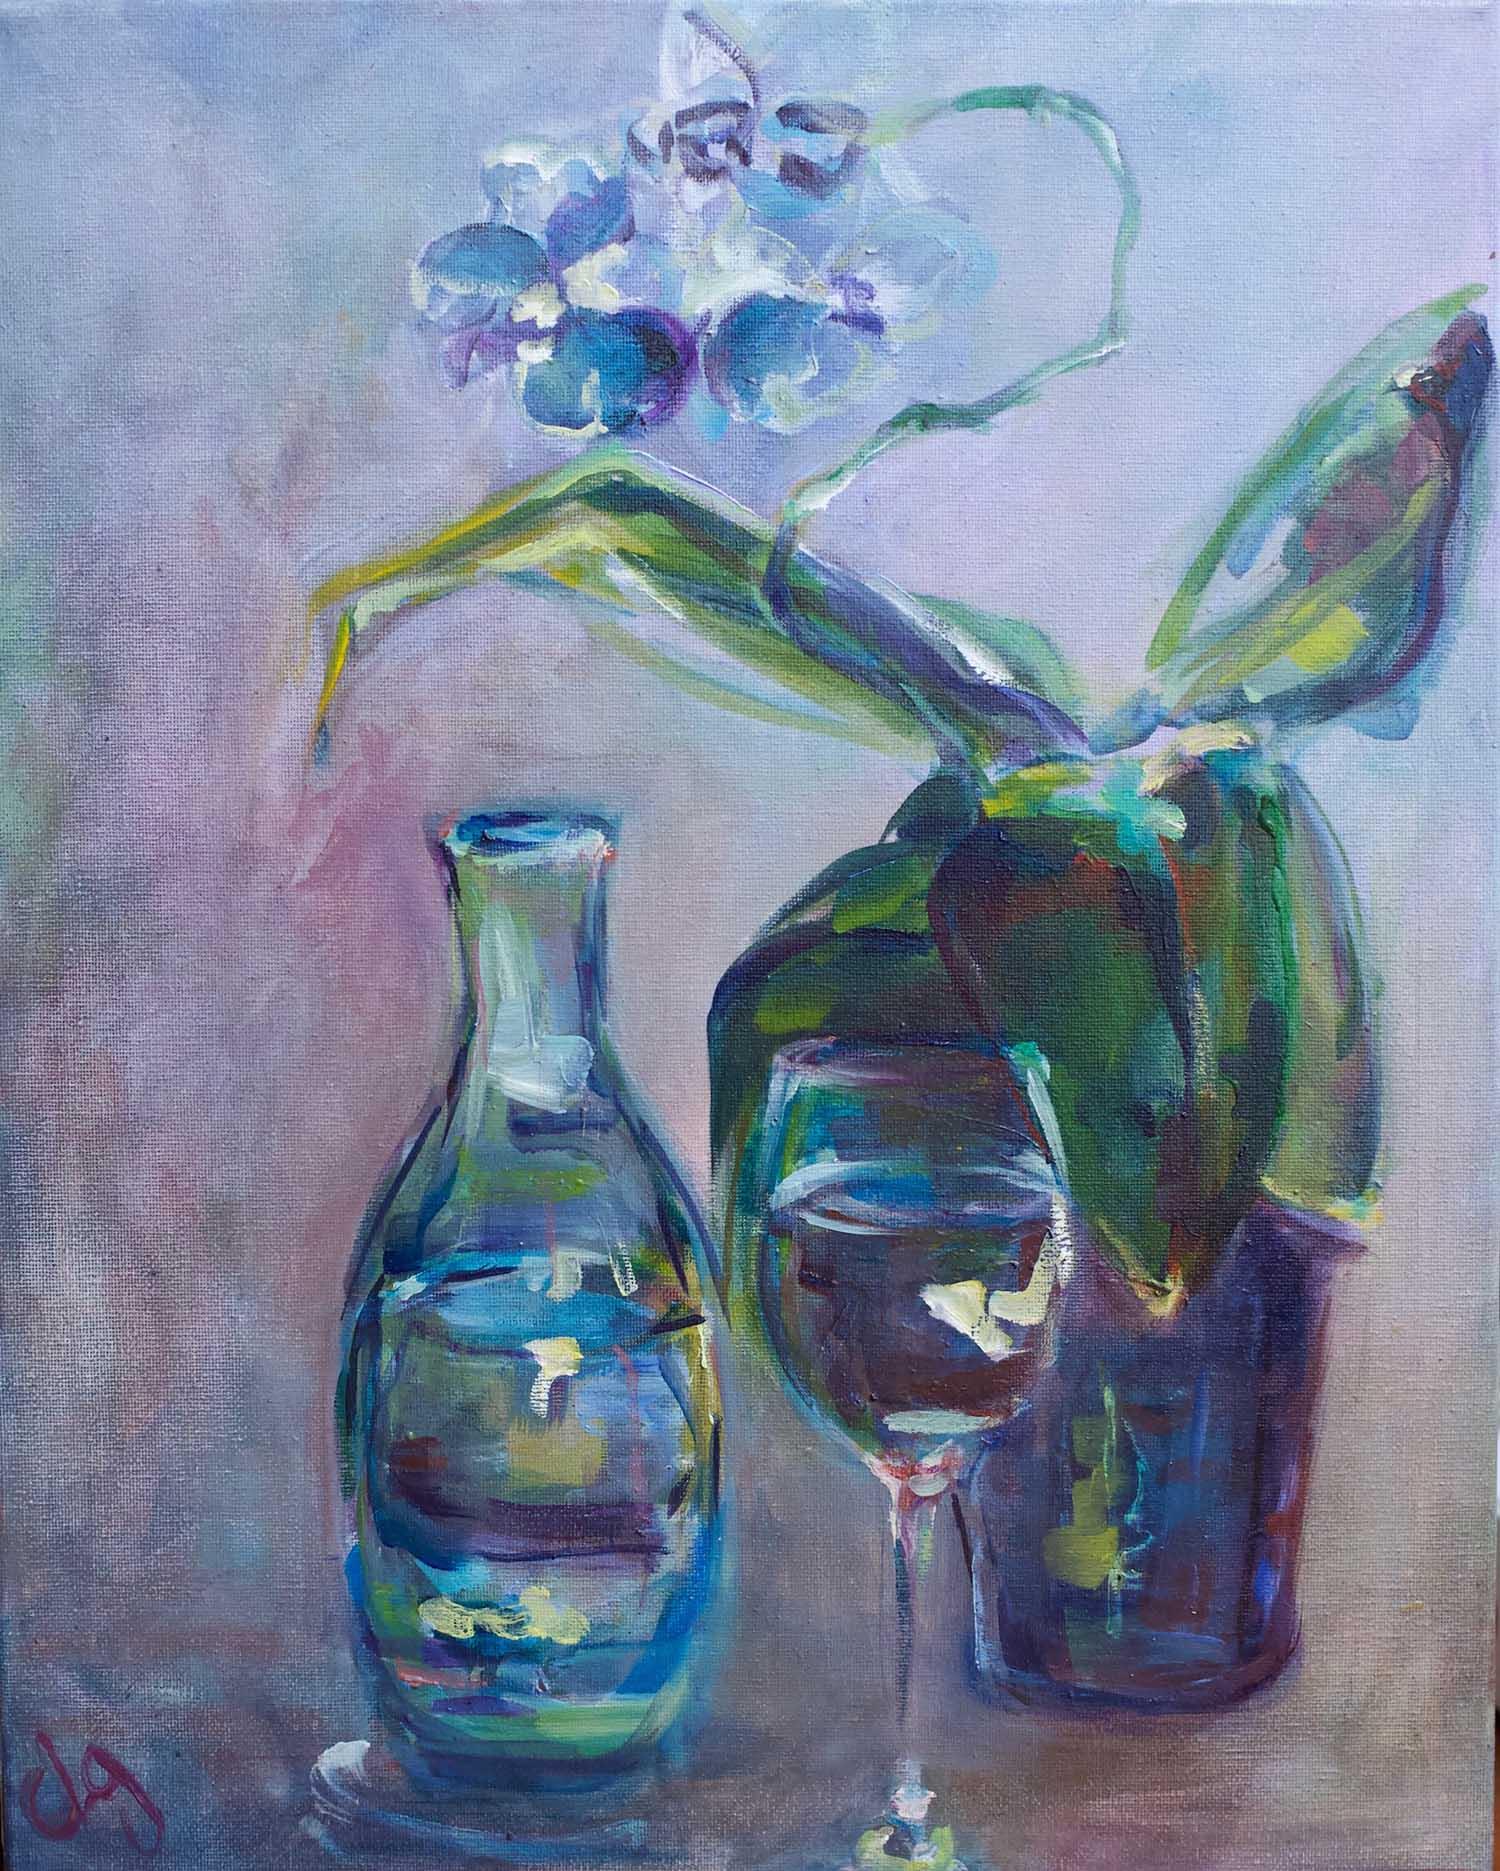 christel-legisa-travail-peinture-huile-2.jpg